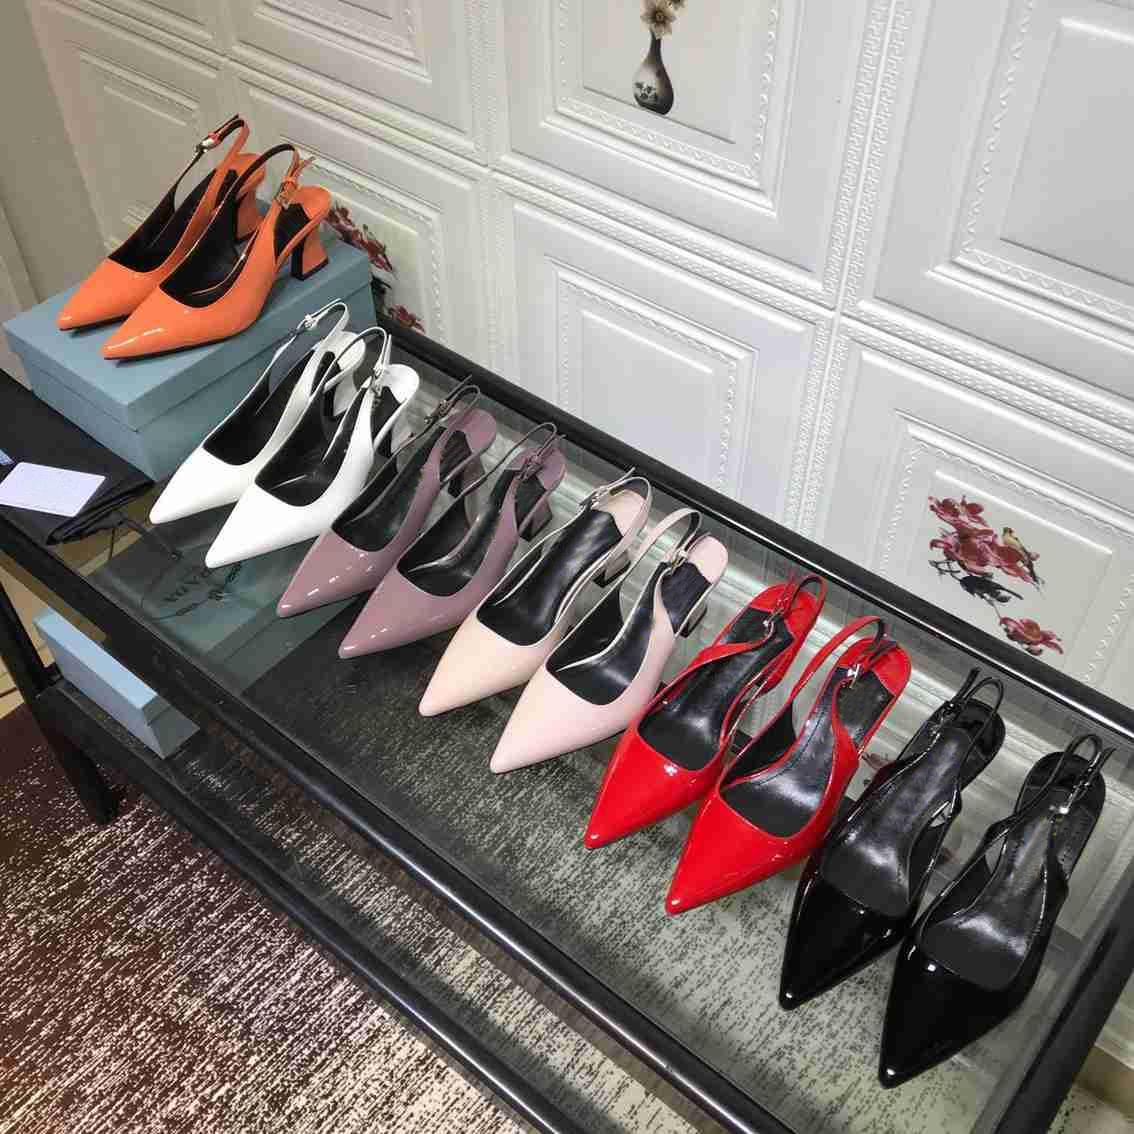 Сексуальные дамы 6.5см туфли на каблуках Женщины взлетно-посадочные полосы заостренные носки нижняя каблука обувь женщина сандалии высшего качества